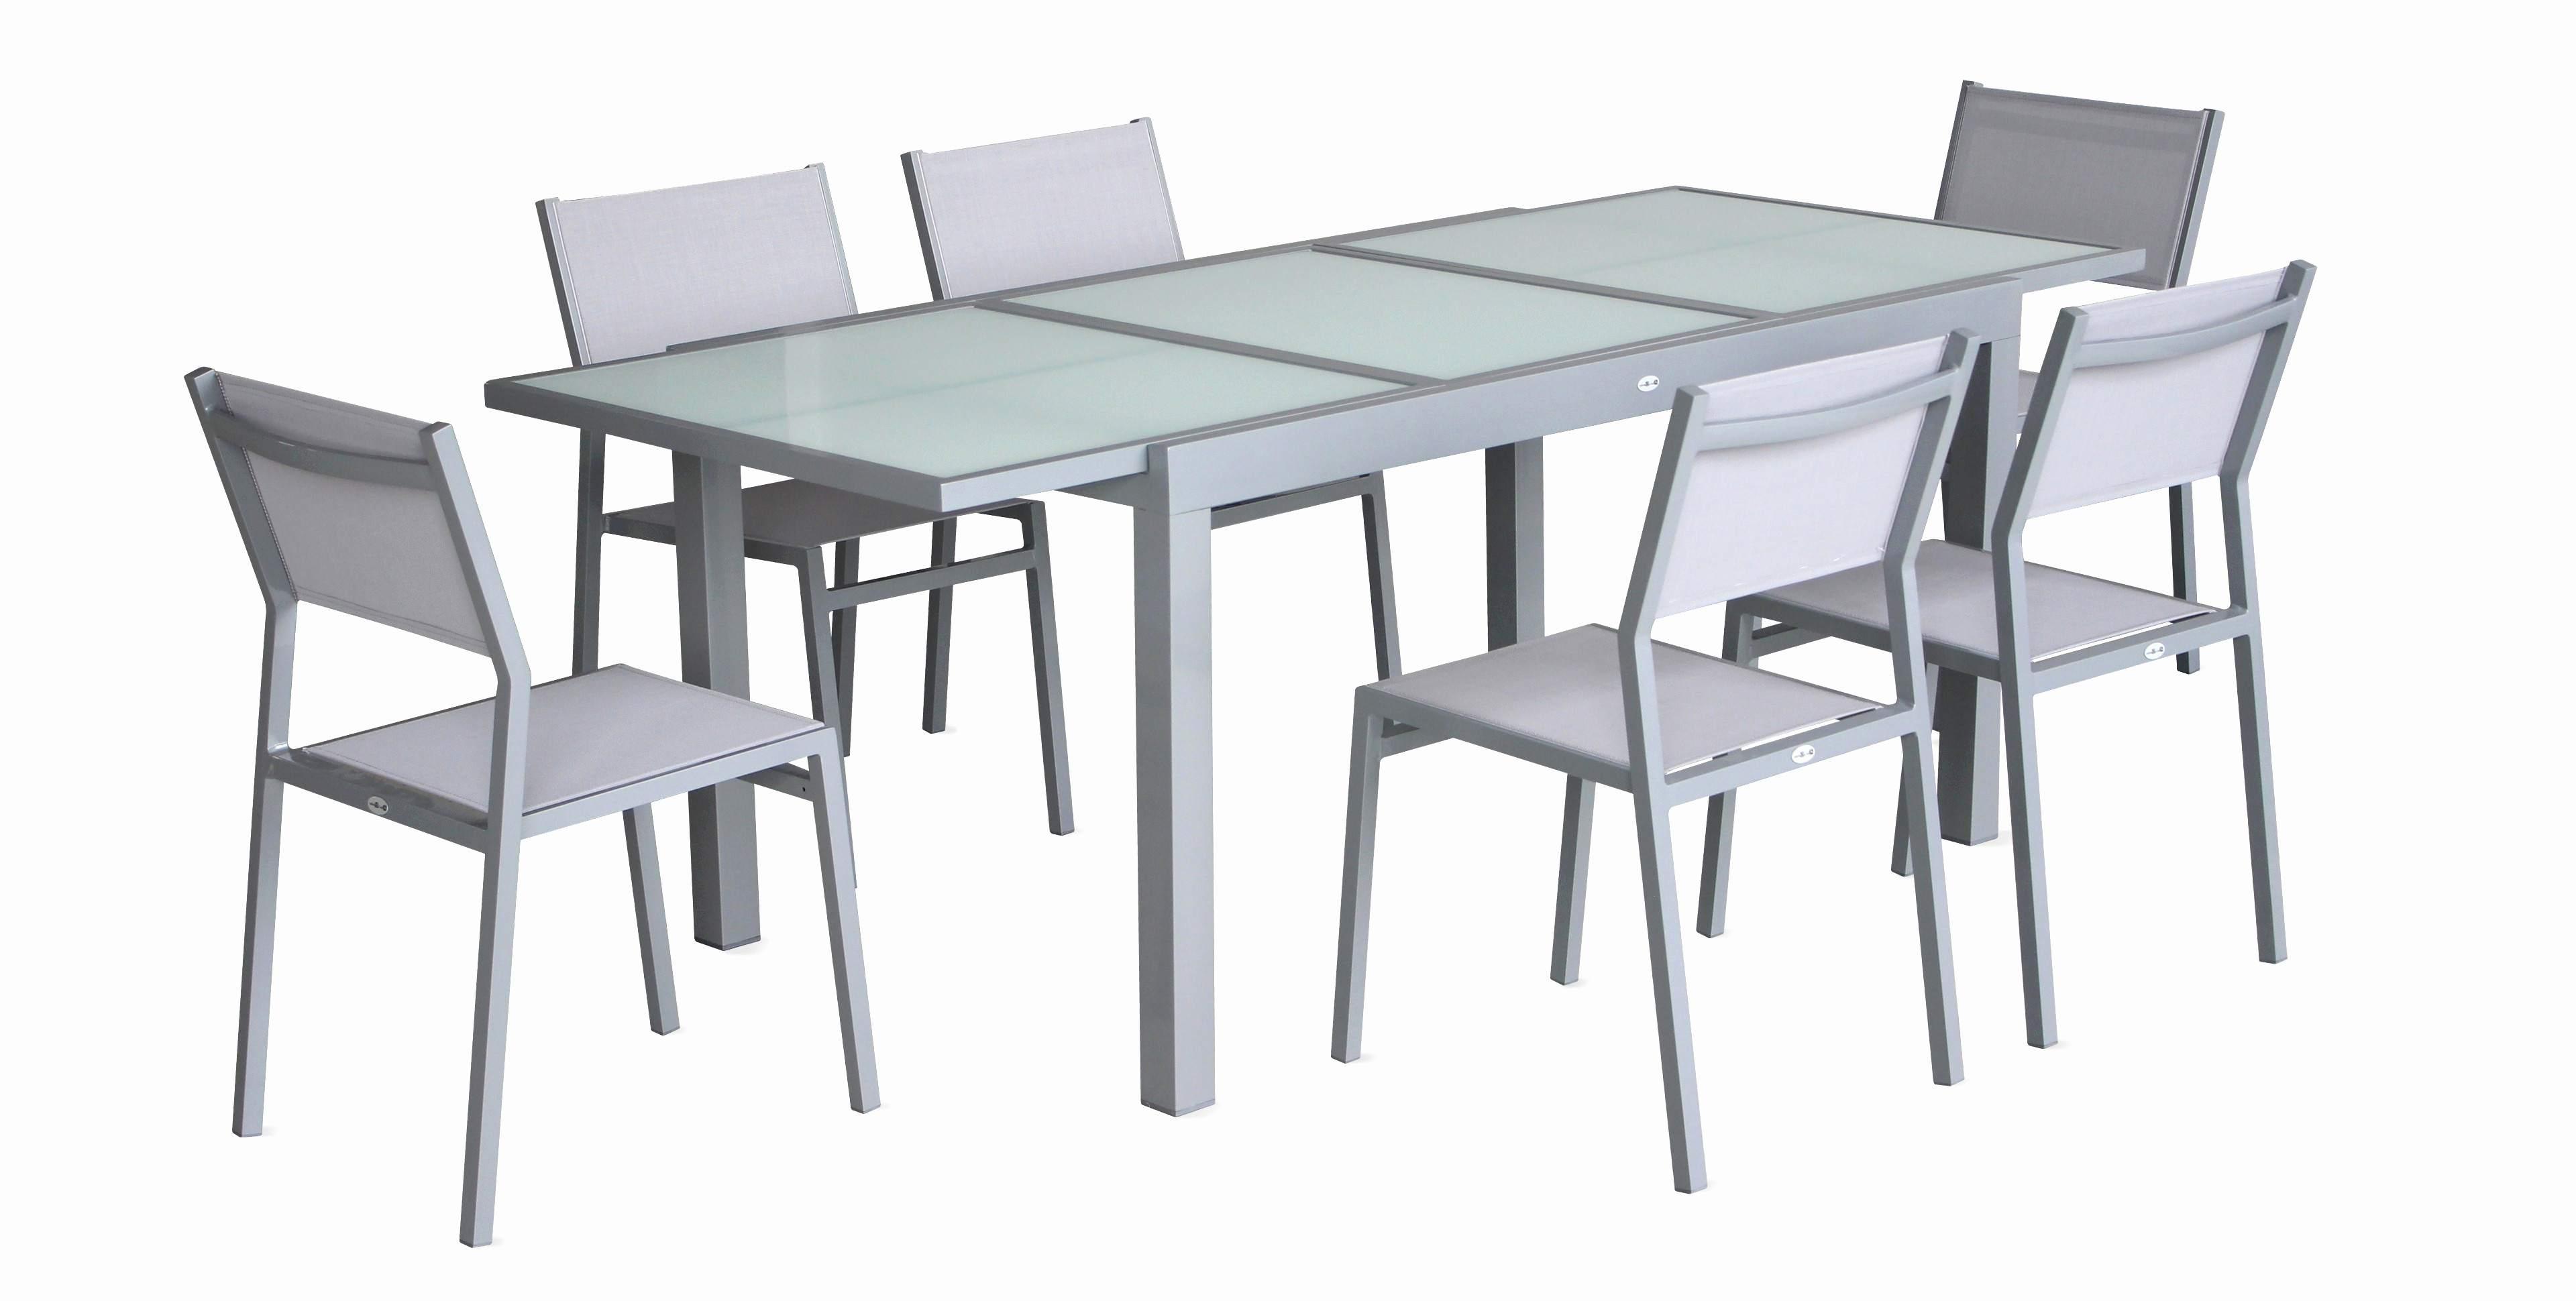 Table De Ping Pong Leclerc Élégant Stock soldes Table De Jardin Moderne Table Pliante Leclerc Nouveau